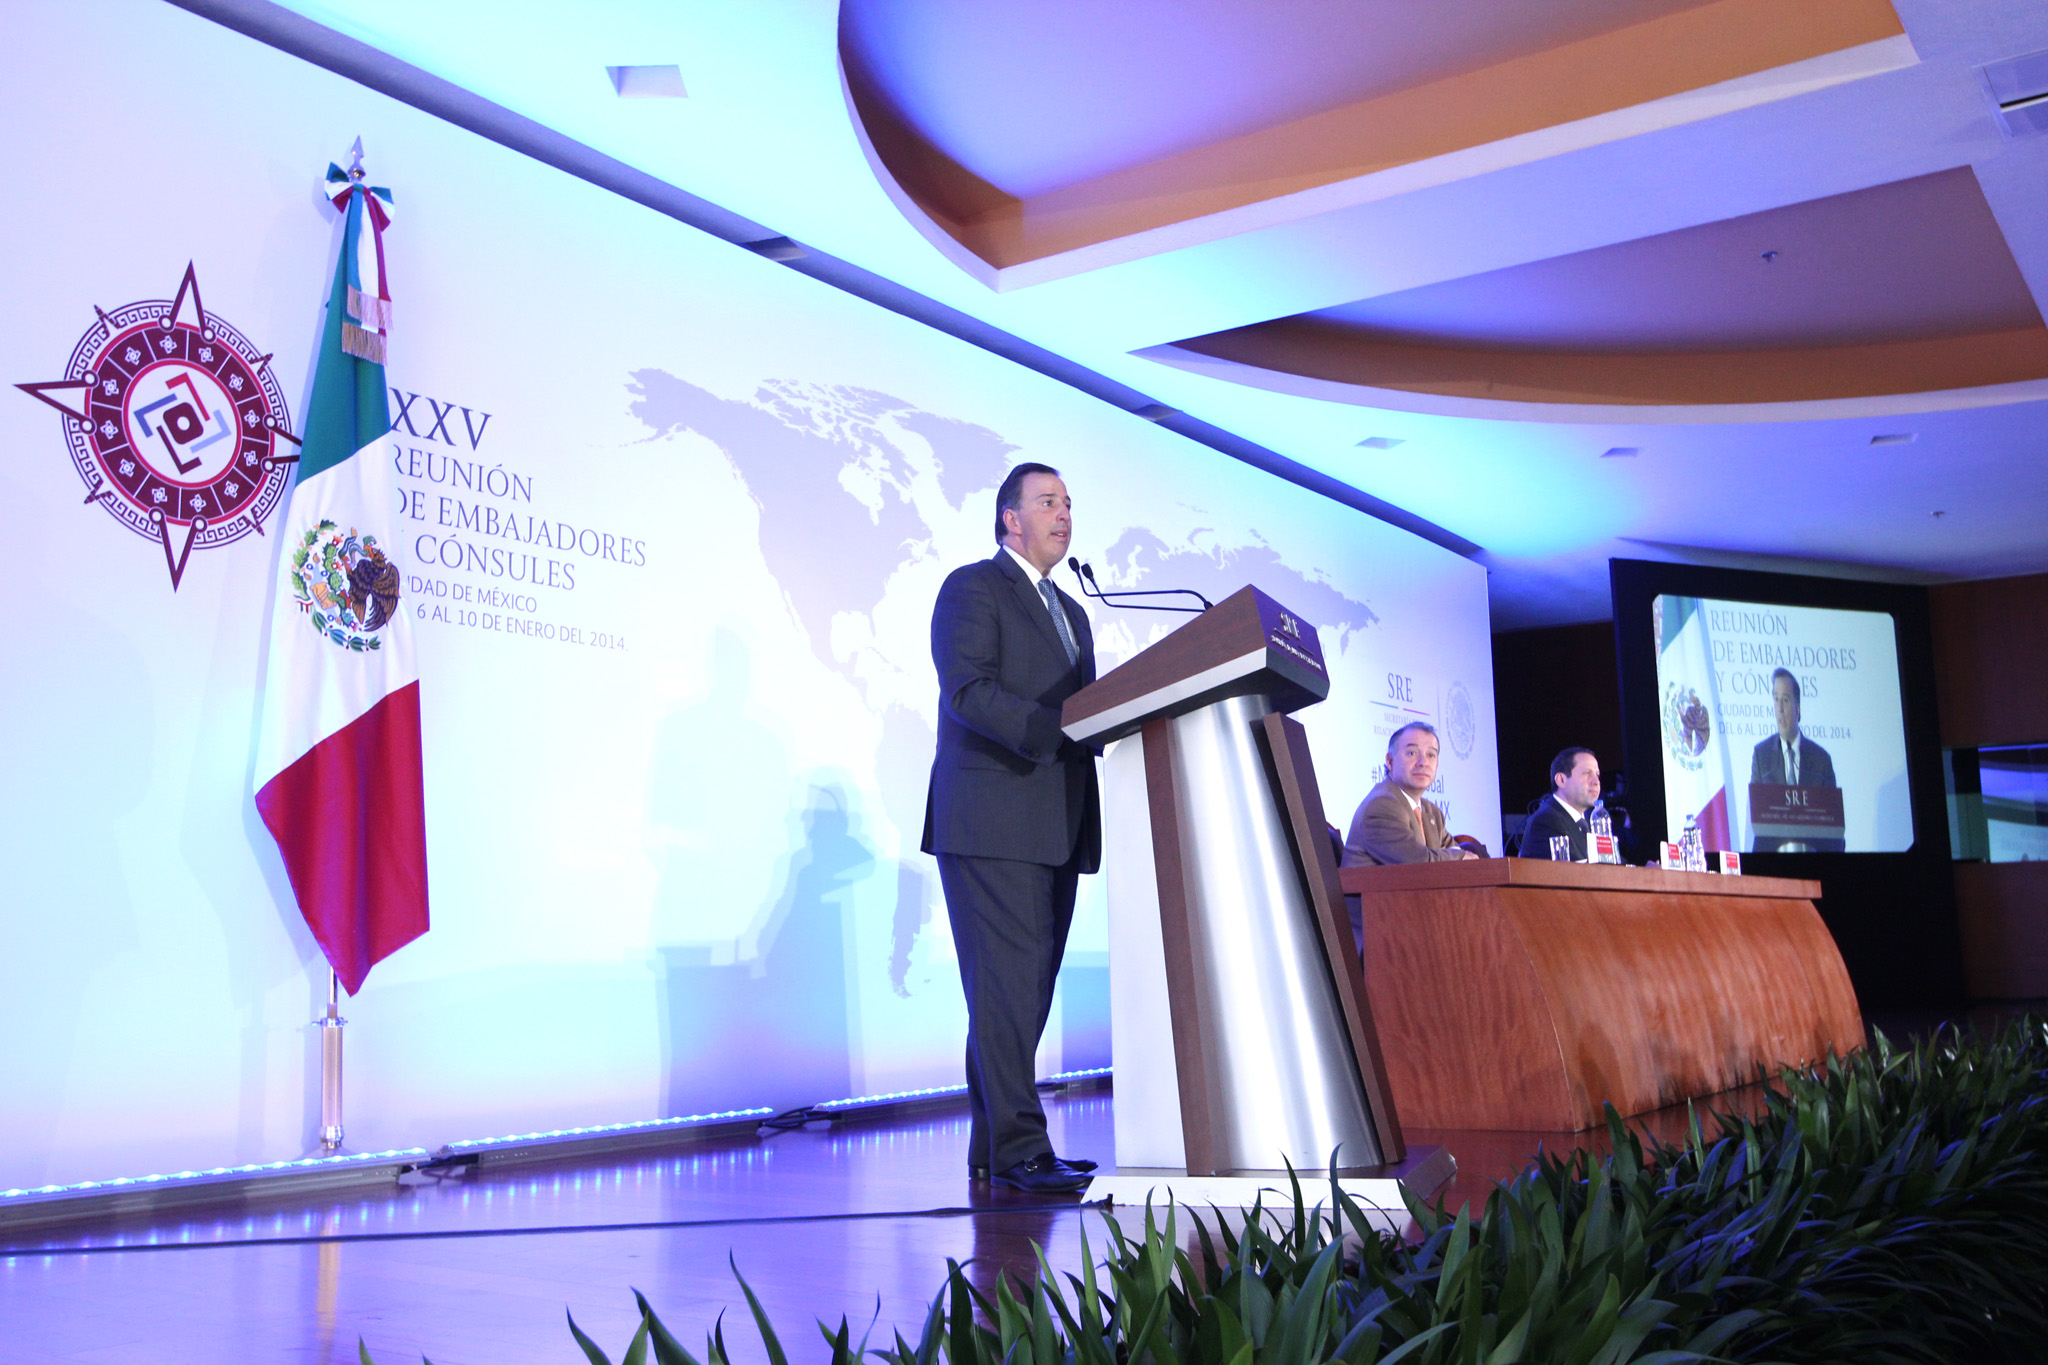 FOTO Inauguración de la XXV Reunión de Embajadores y Cónsules